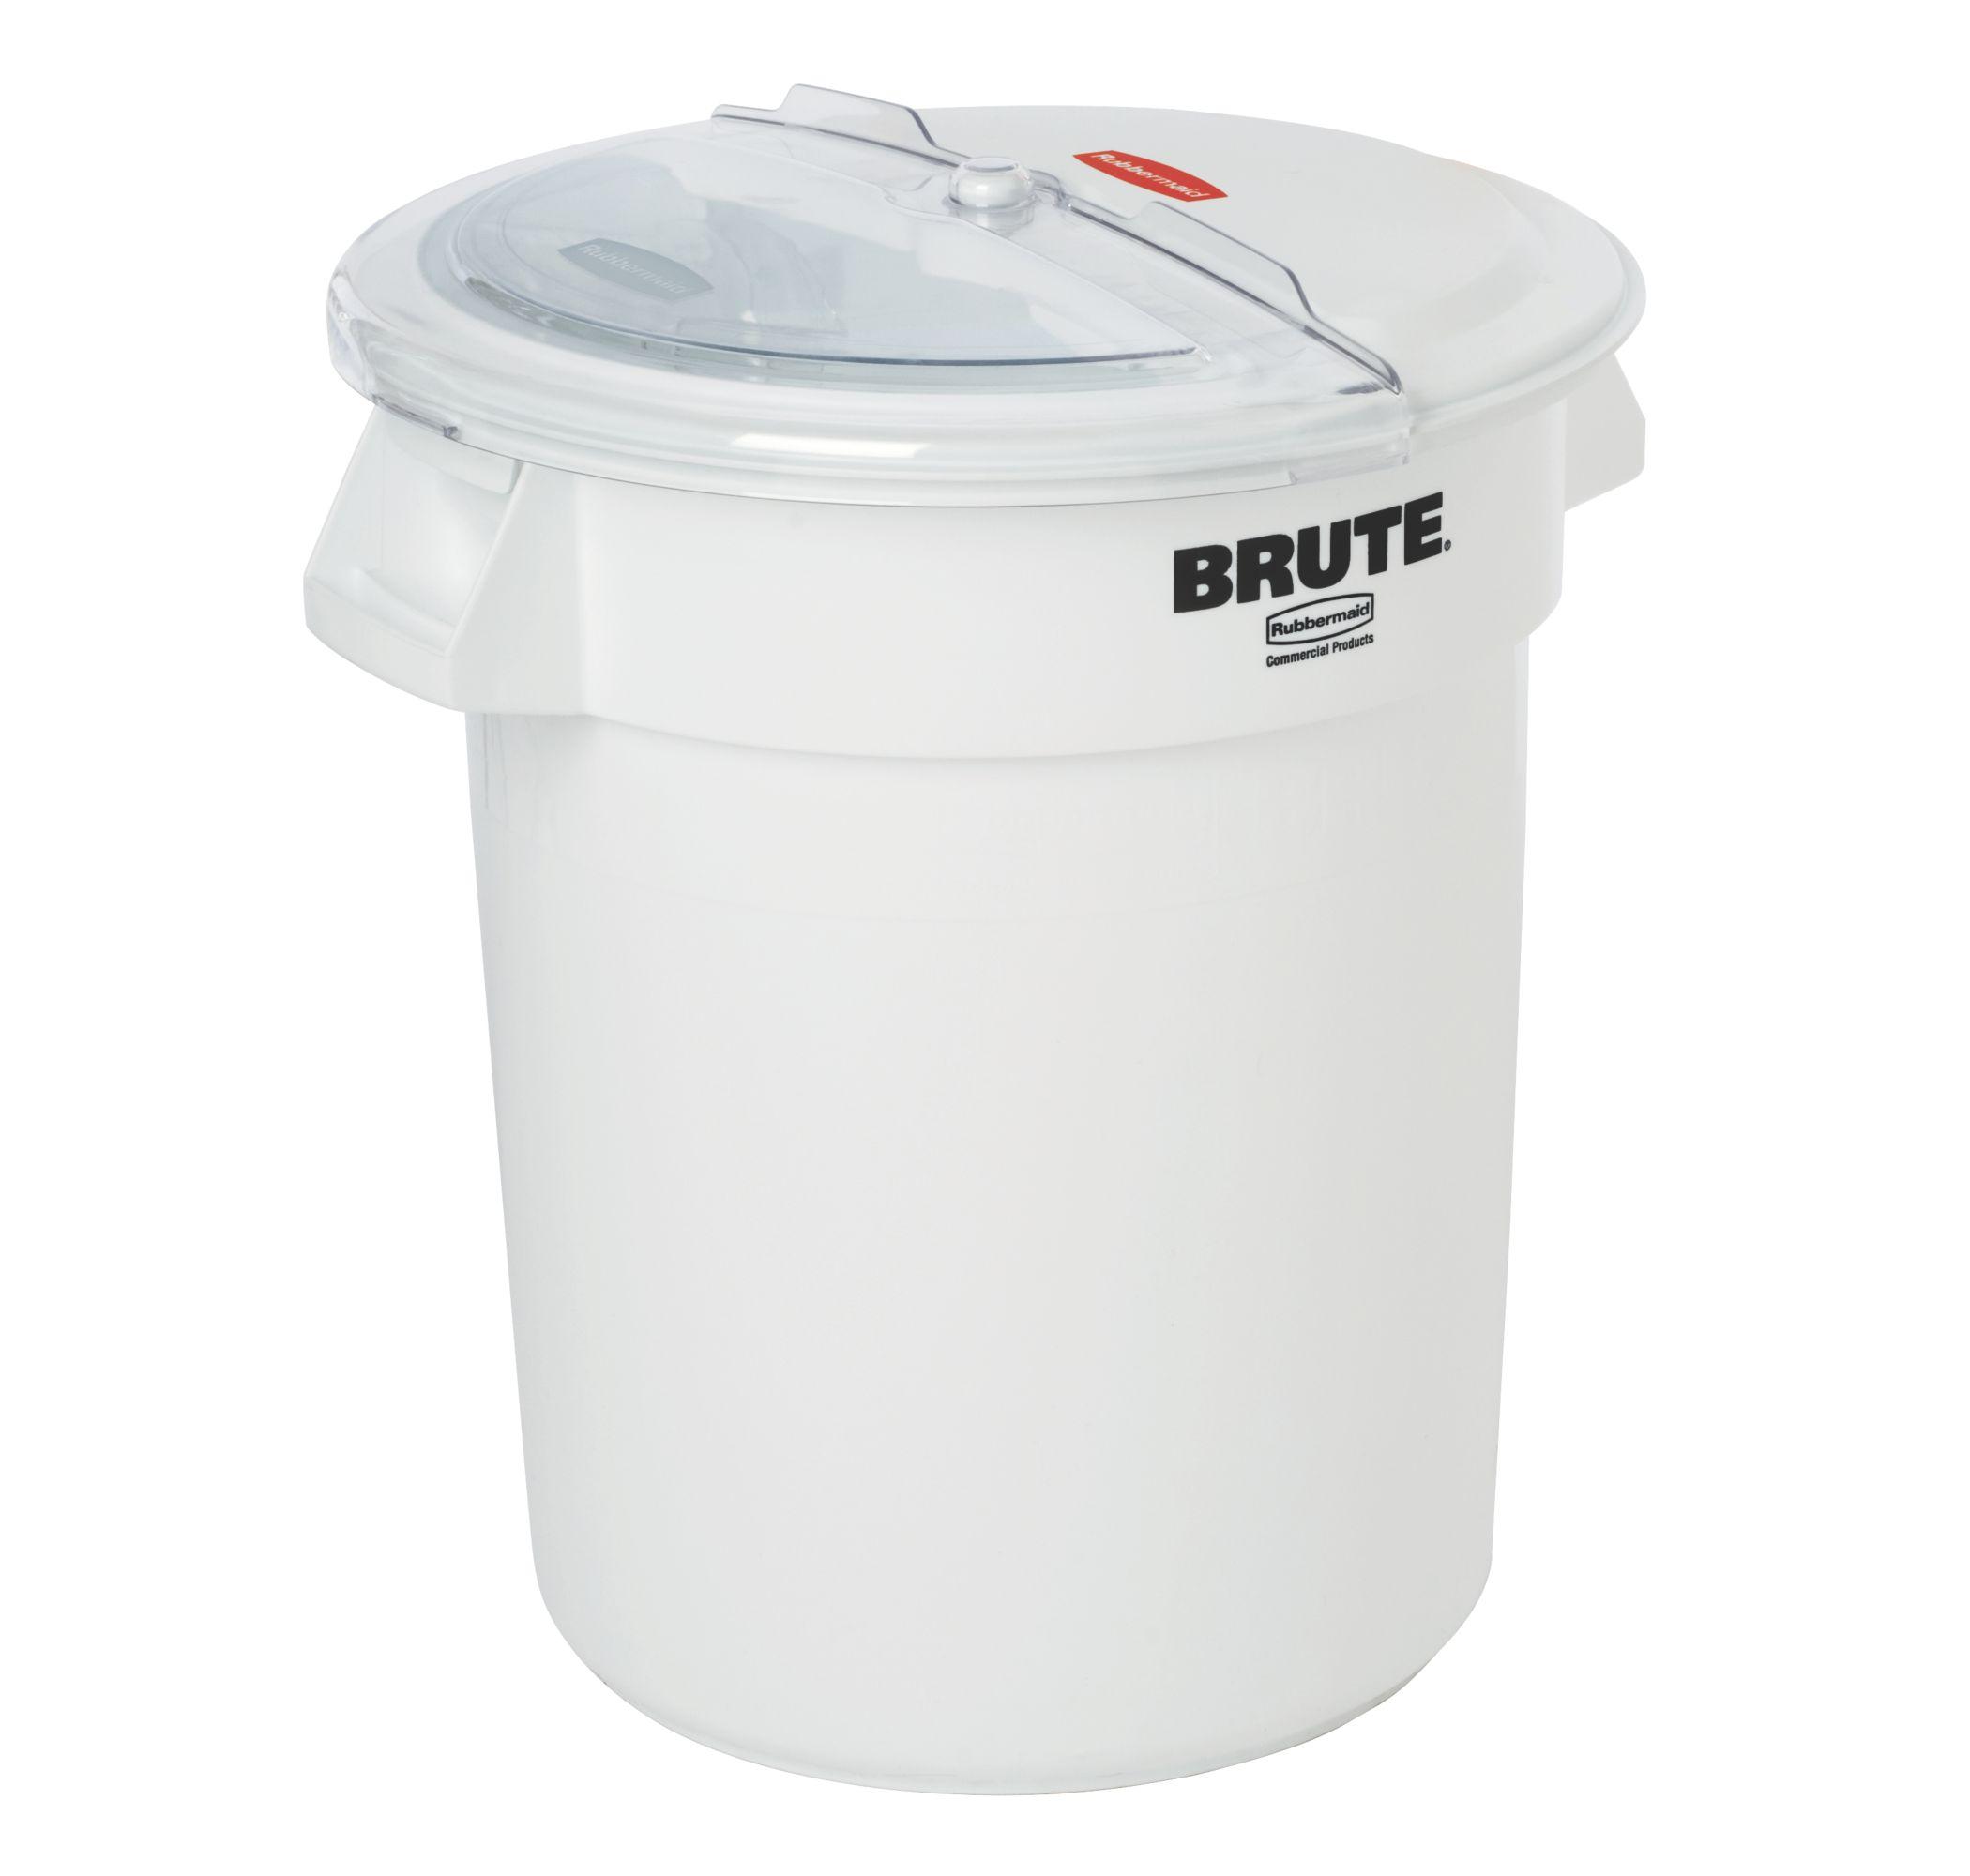 Contenedor Brute 121 litros + Tapa deslizante y cuchara dosificadora.